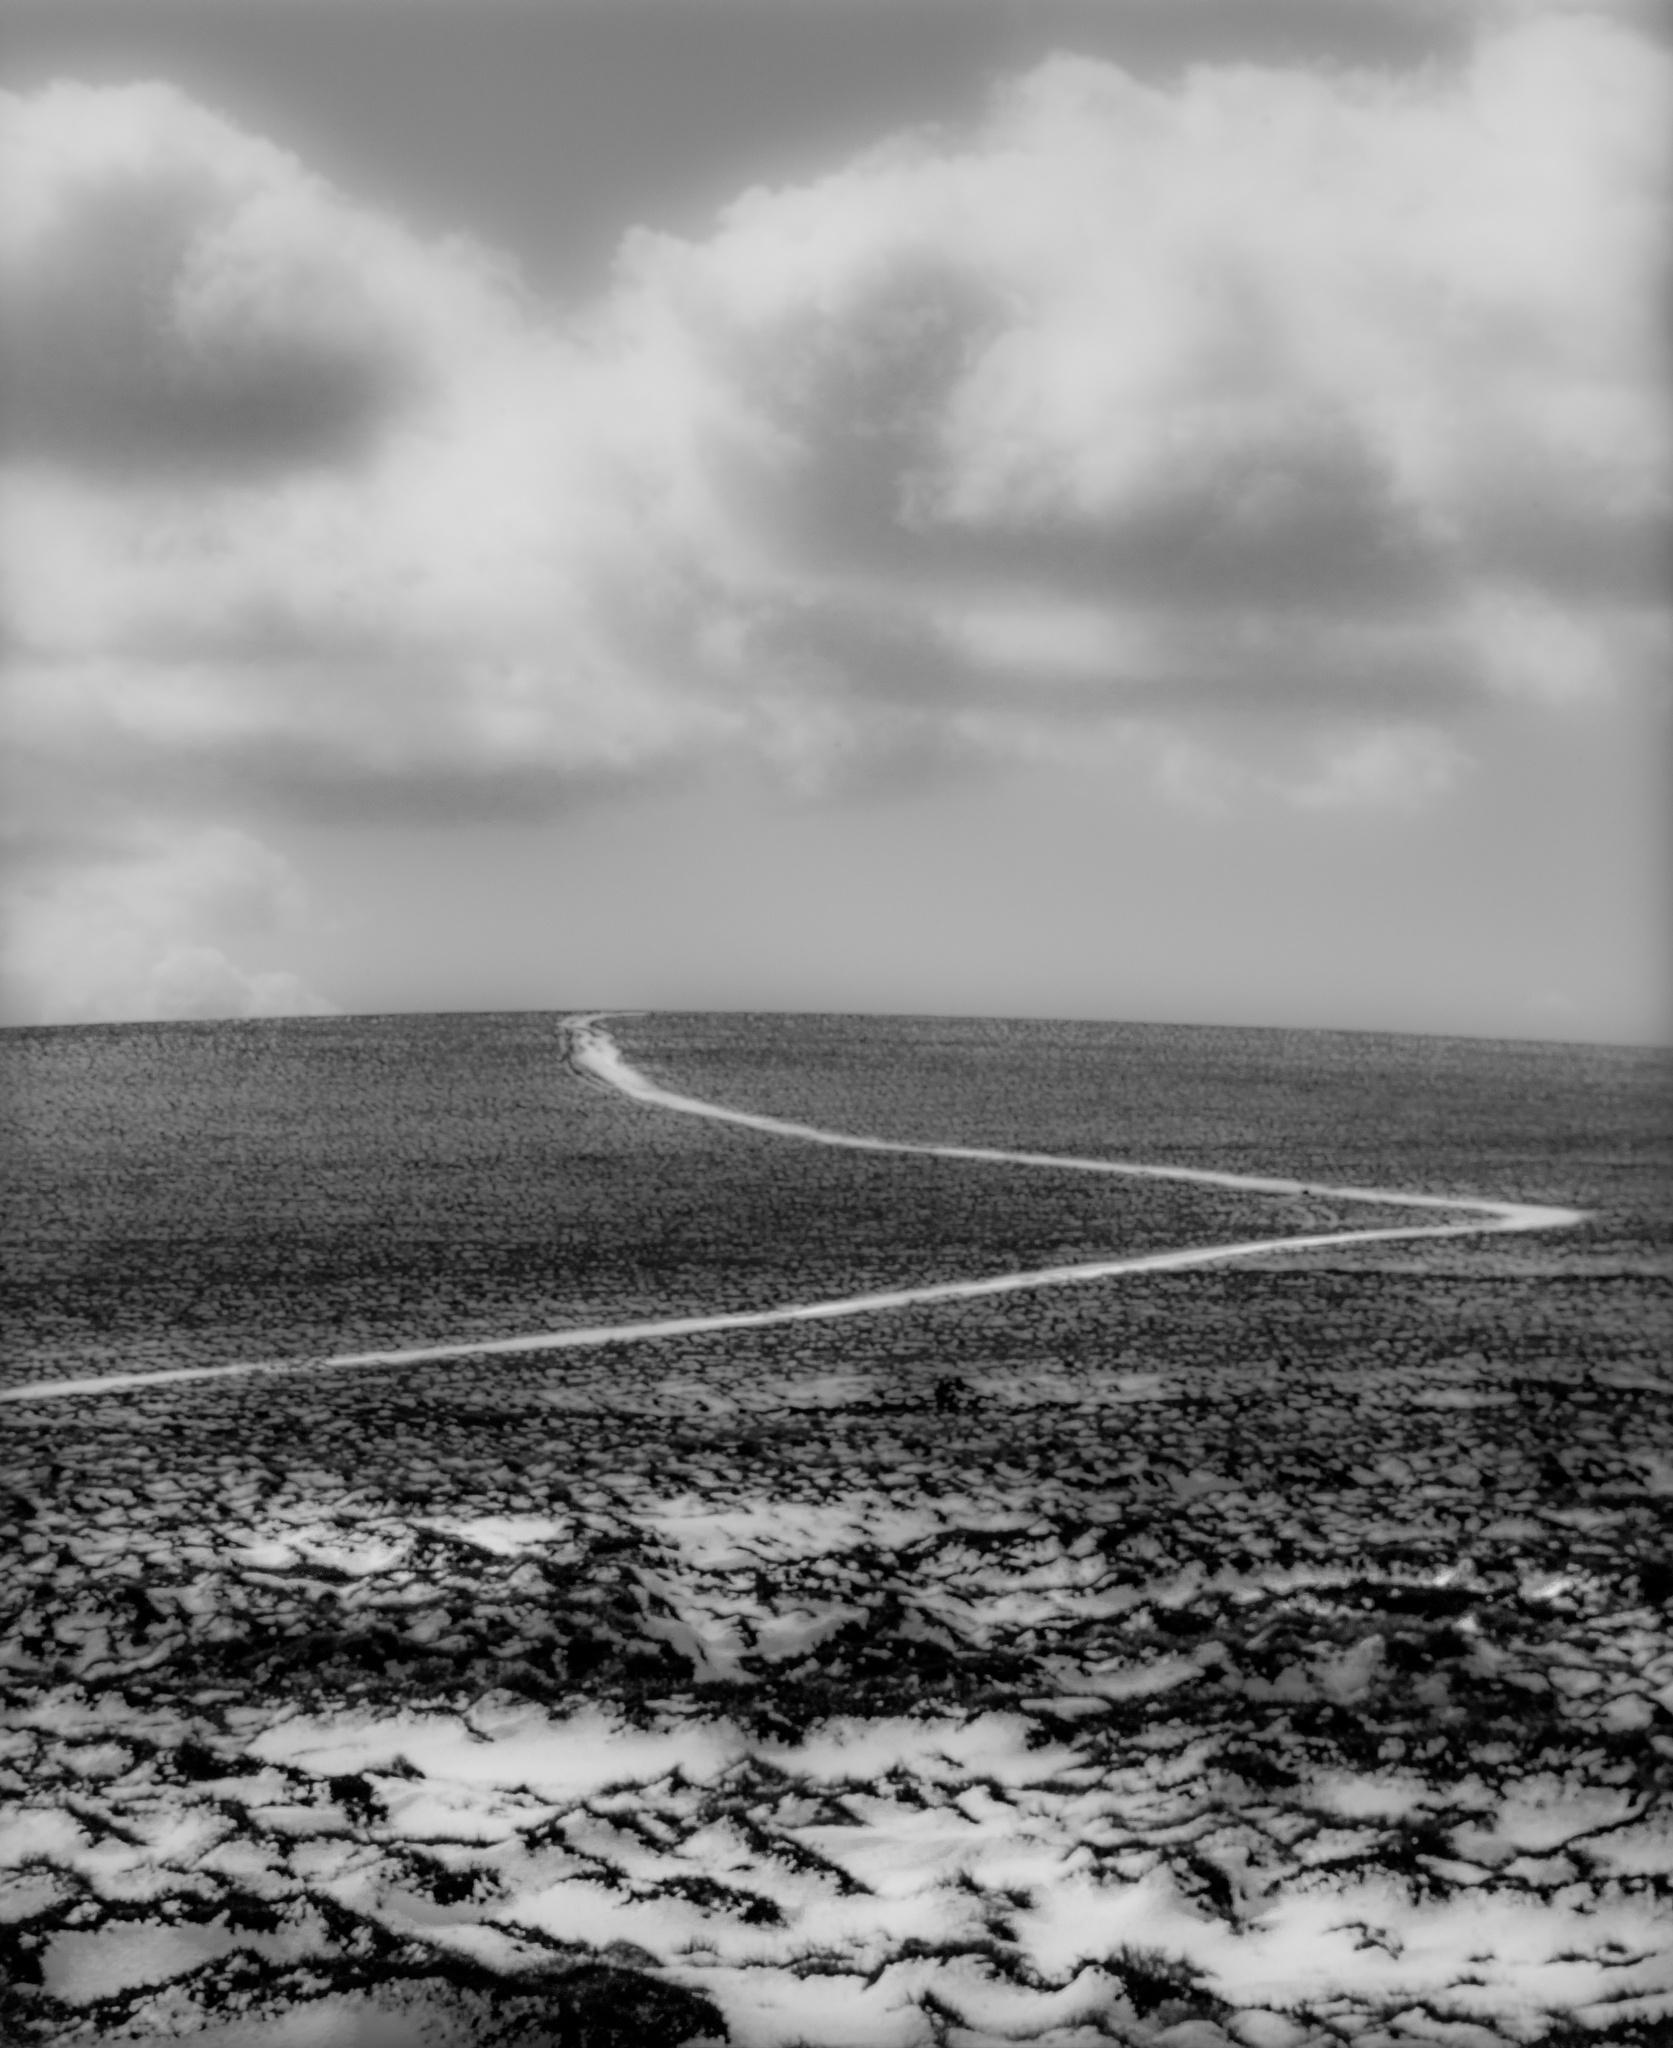 High Peak Trail by David Hawkes